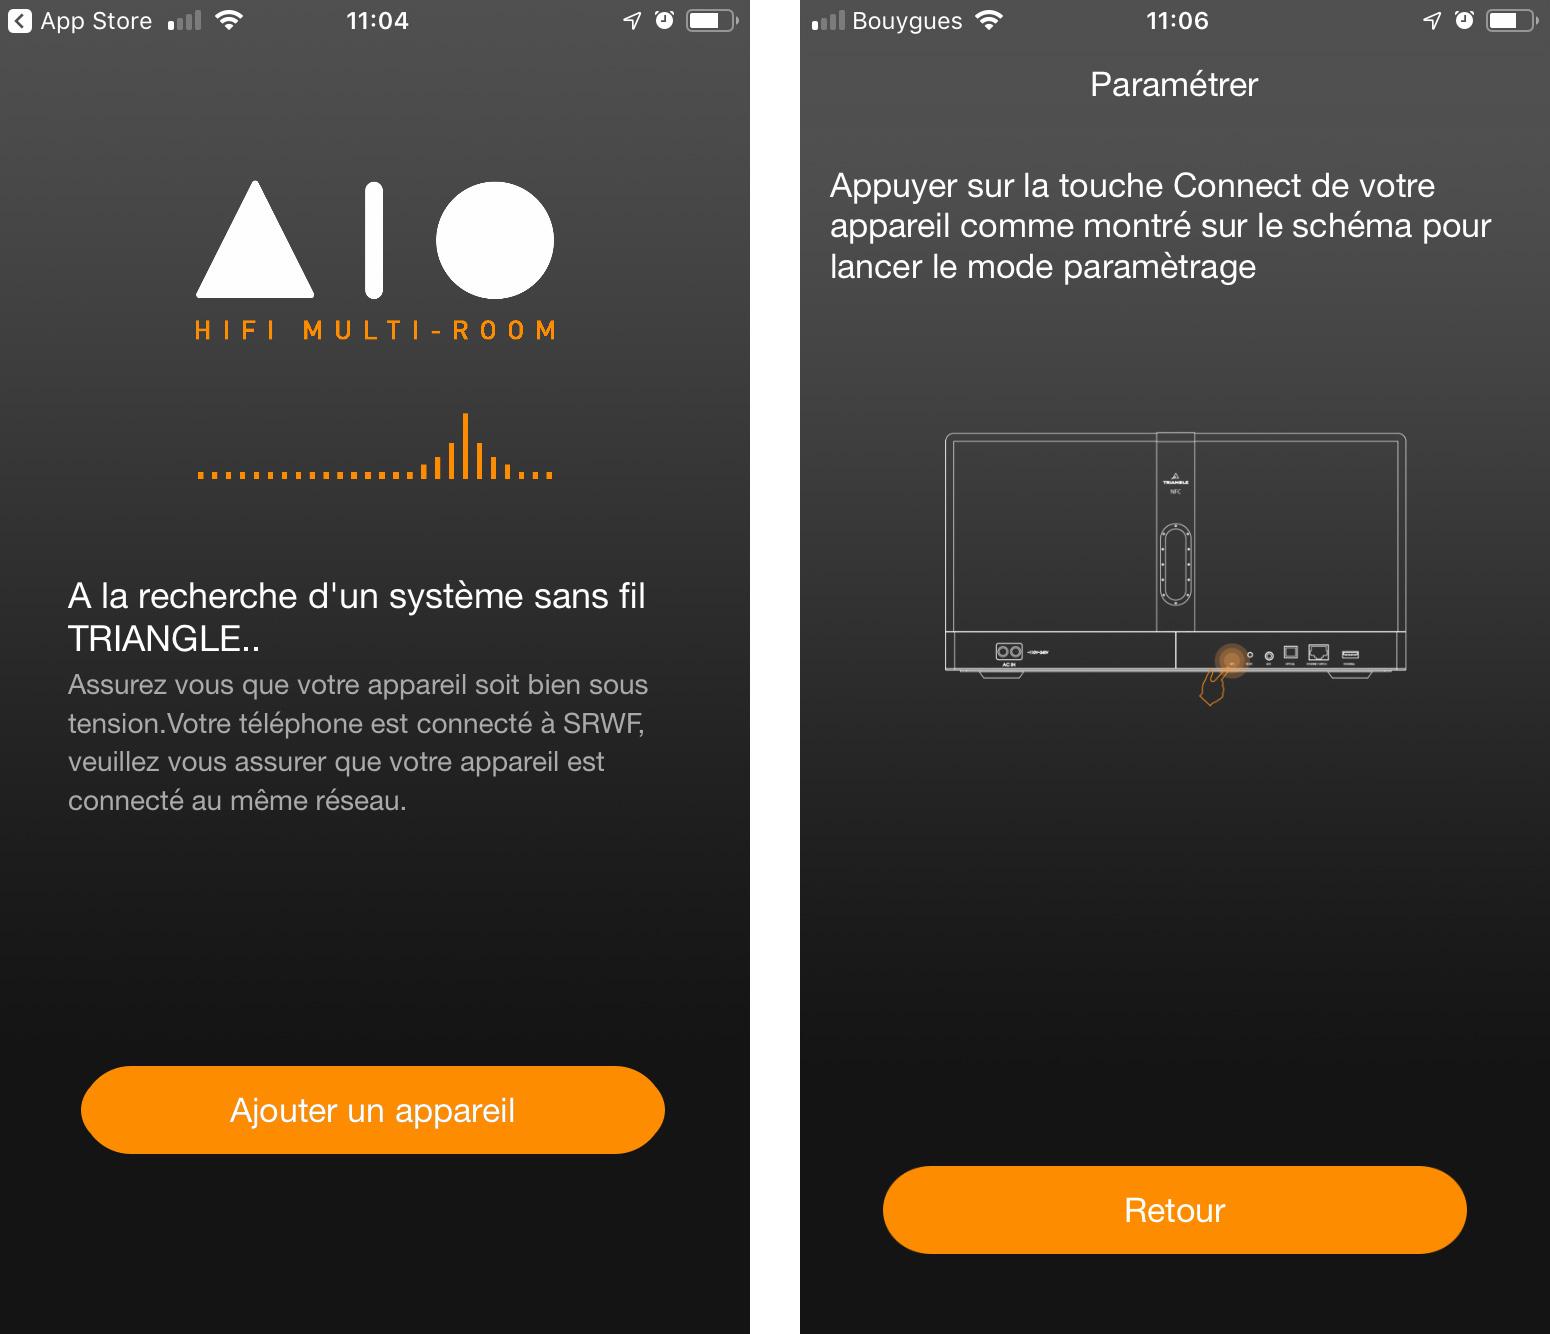 A l'ouverture, l'application recherche une enceinte Triangle AIO. J'appuie sur «ajouter un appareil», puis l'écran suivant m'indique où lancer la synchronisation sur l'enceinte.